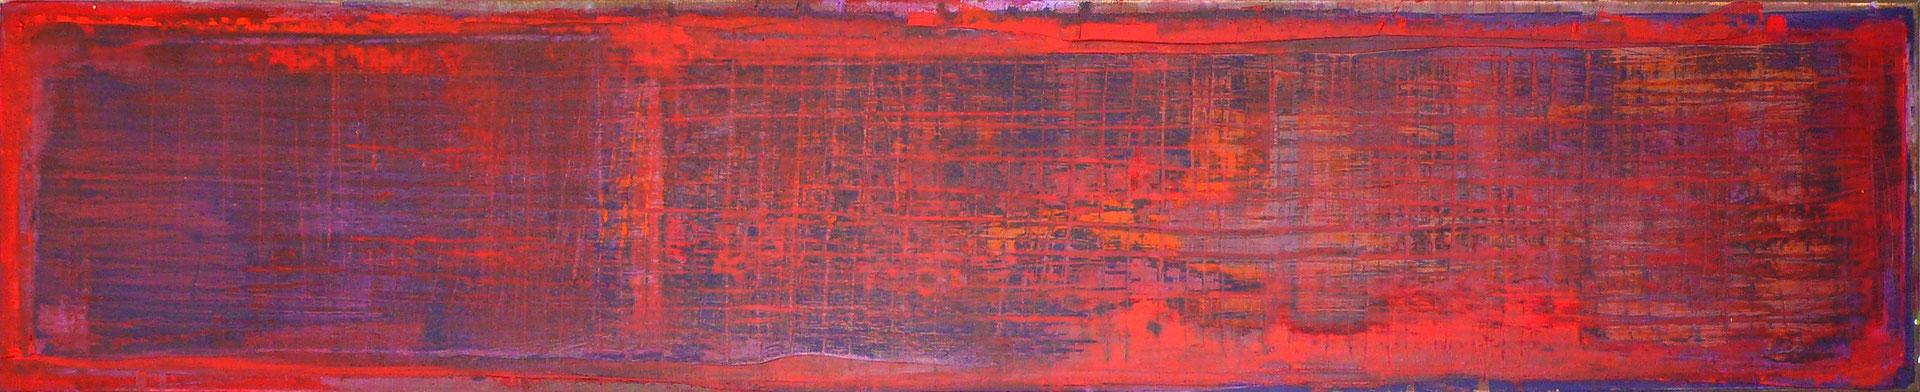 No. 42 - Mischtechnik Acryl auf Leinwand 150x30 cm (2013)